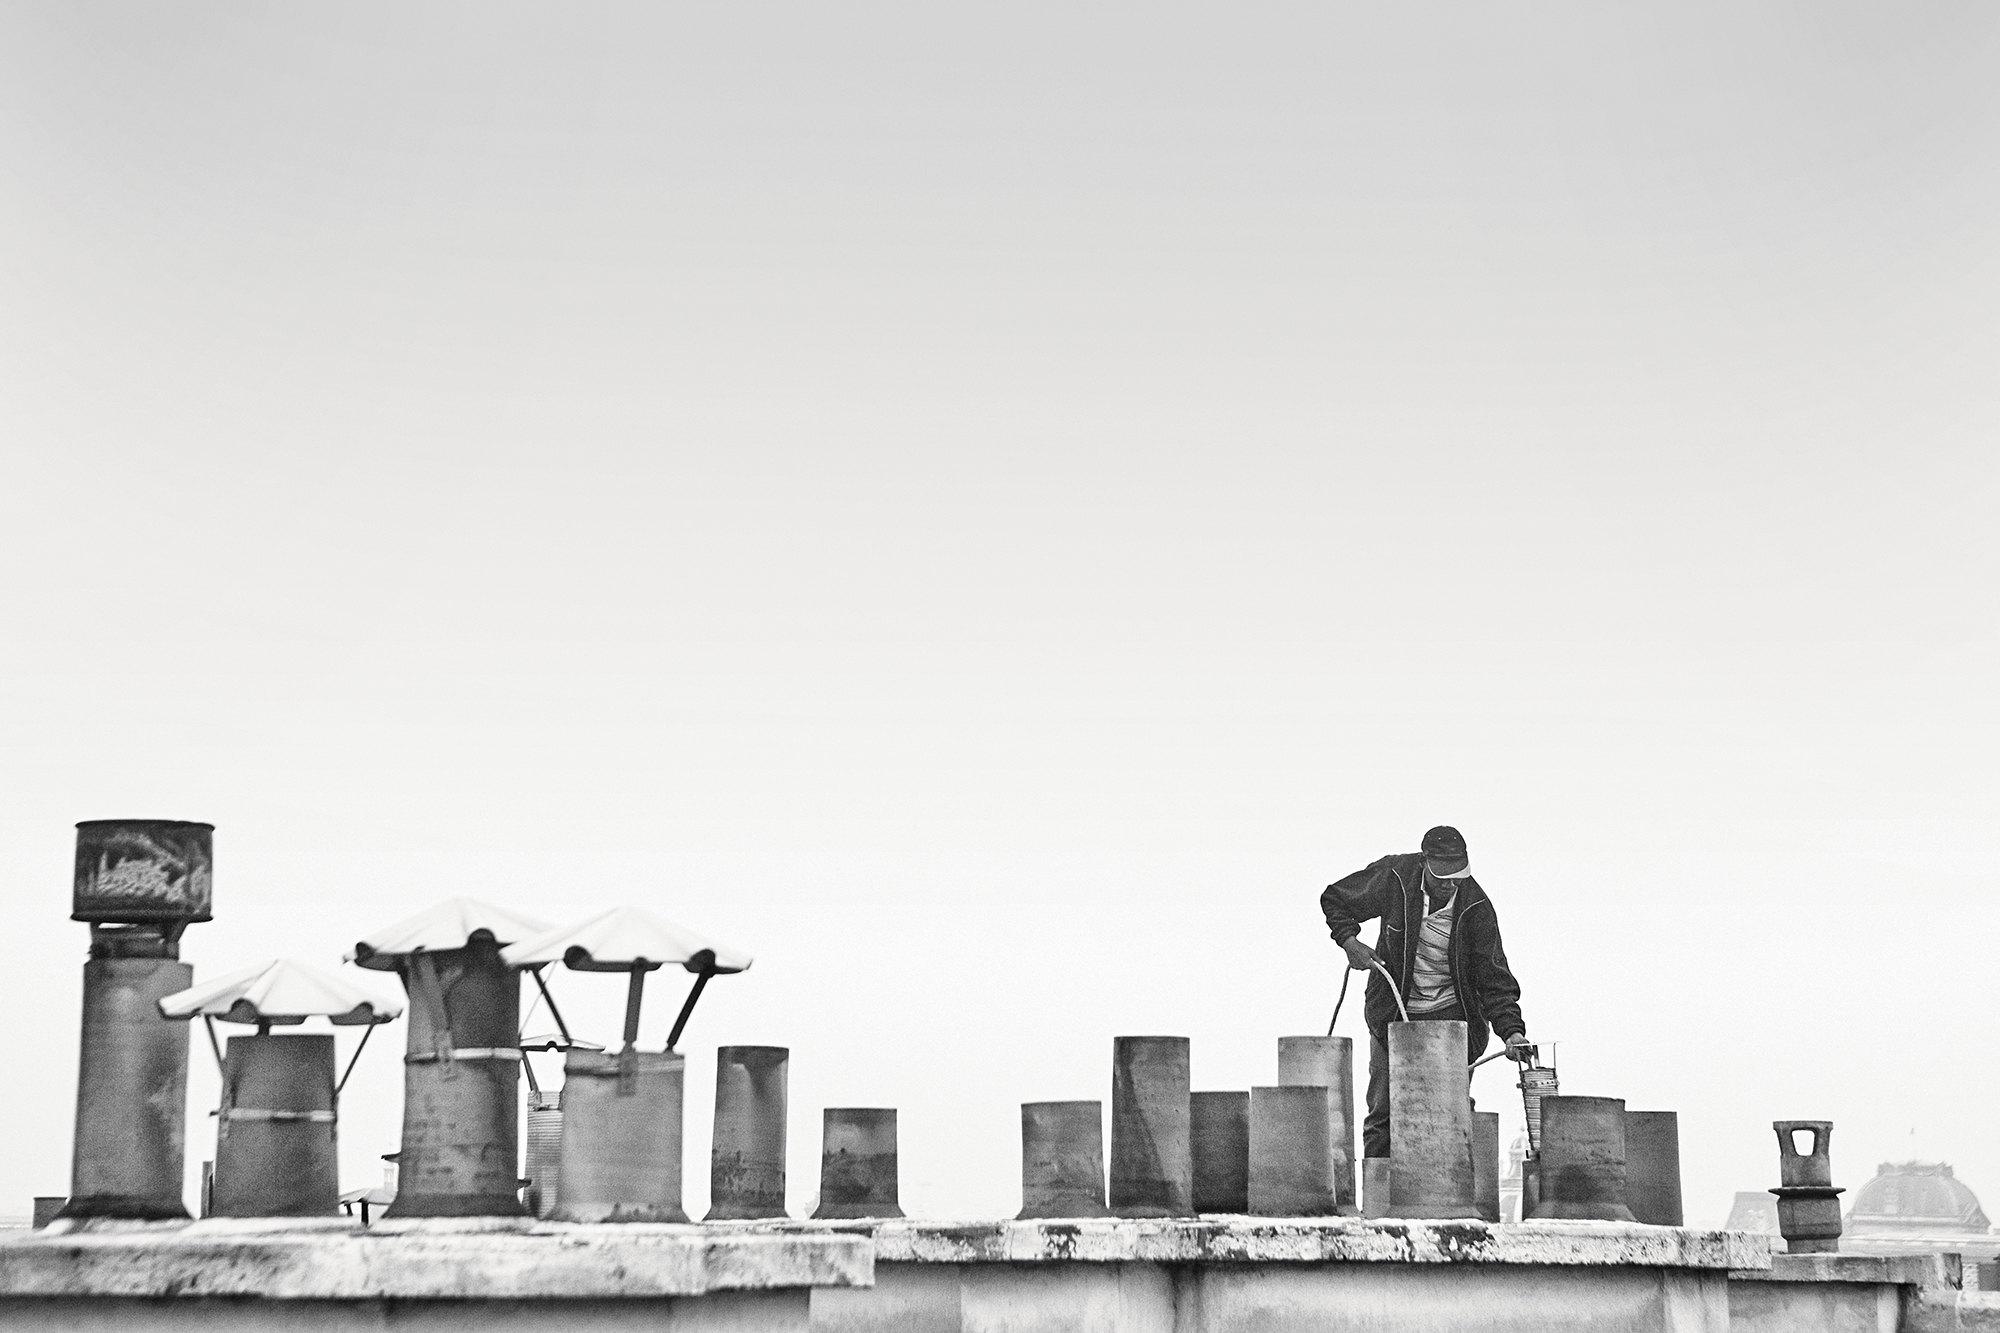 Трубочист накрыше, скоторой открывается вид набульвар Сен-Жермен, VI округ Парижа